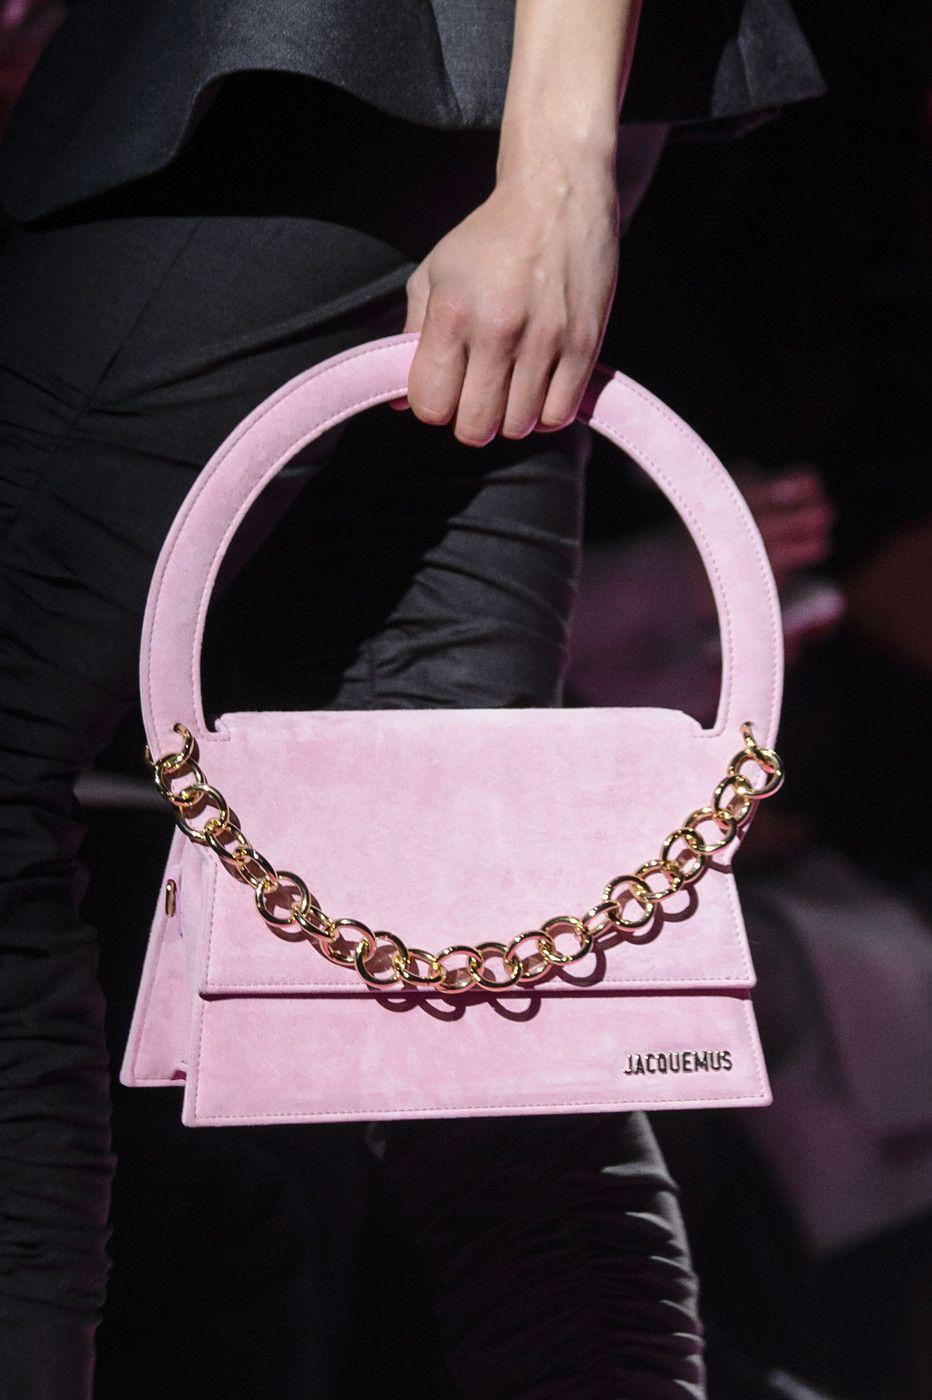 Jacquemus at Paris Fashion Week Fall 2017 | Accessories 3 ...